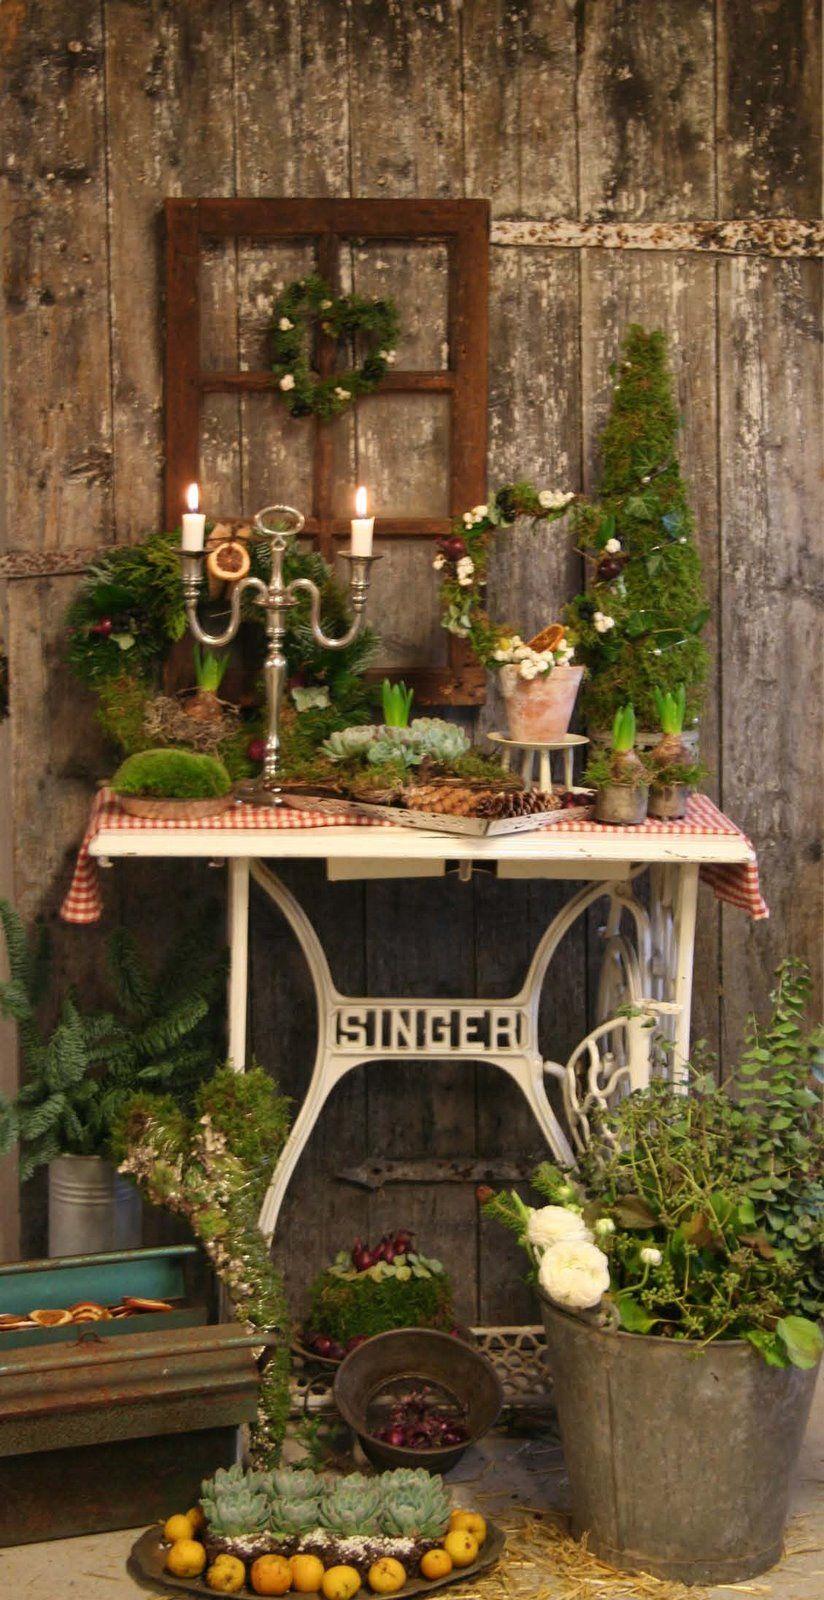 blomsterverkstad floral courses weihnachtsdekoration pinterest garten. Black Bedroom Furniture Sets. Home Design Ideas